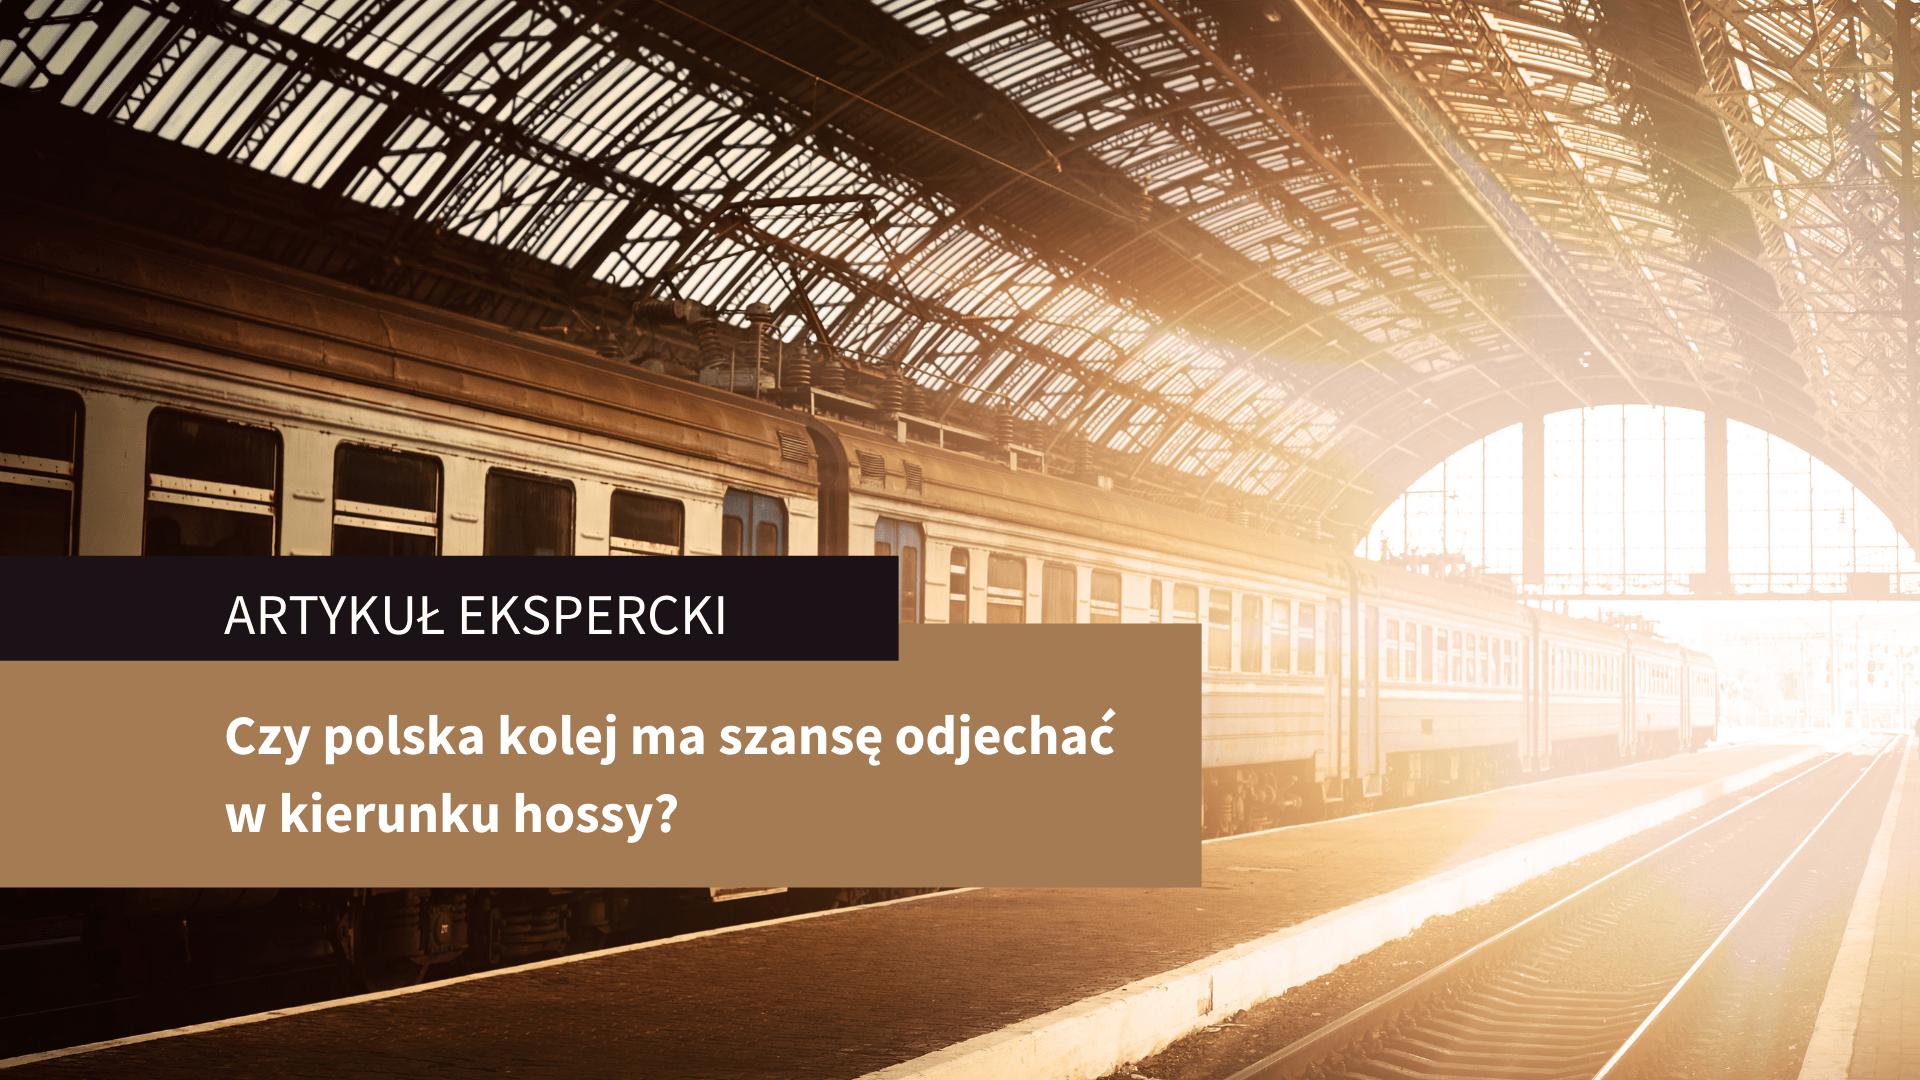 Czy polska kolej ma szansę odjechać w kierunku hossy? – artykuł ekspercki